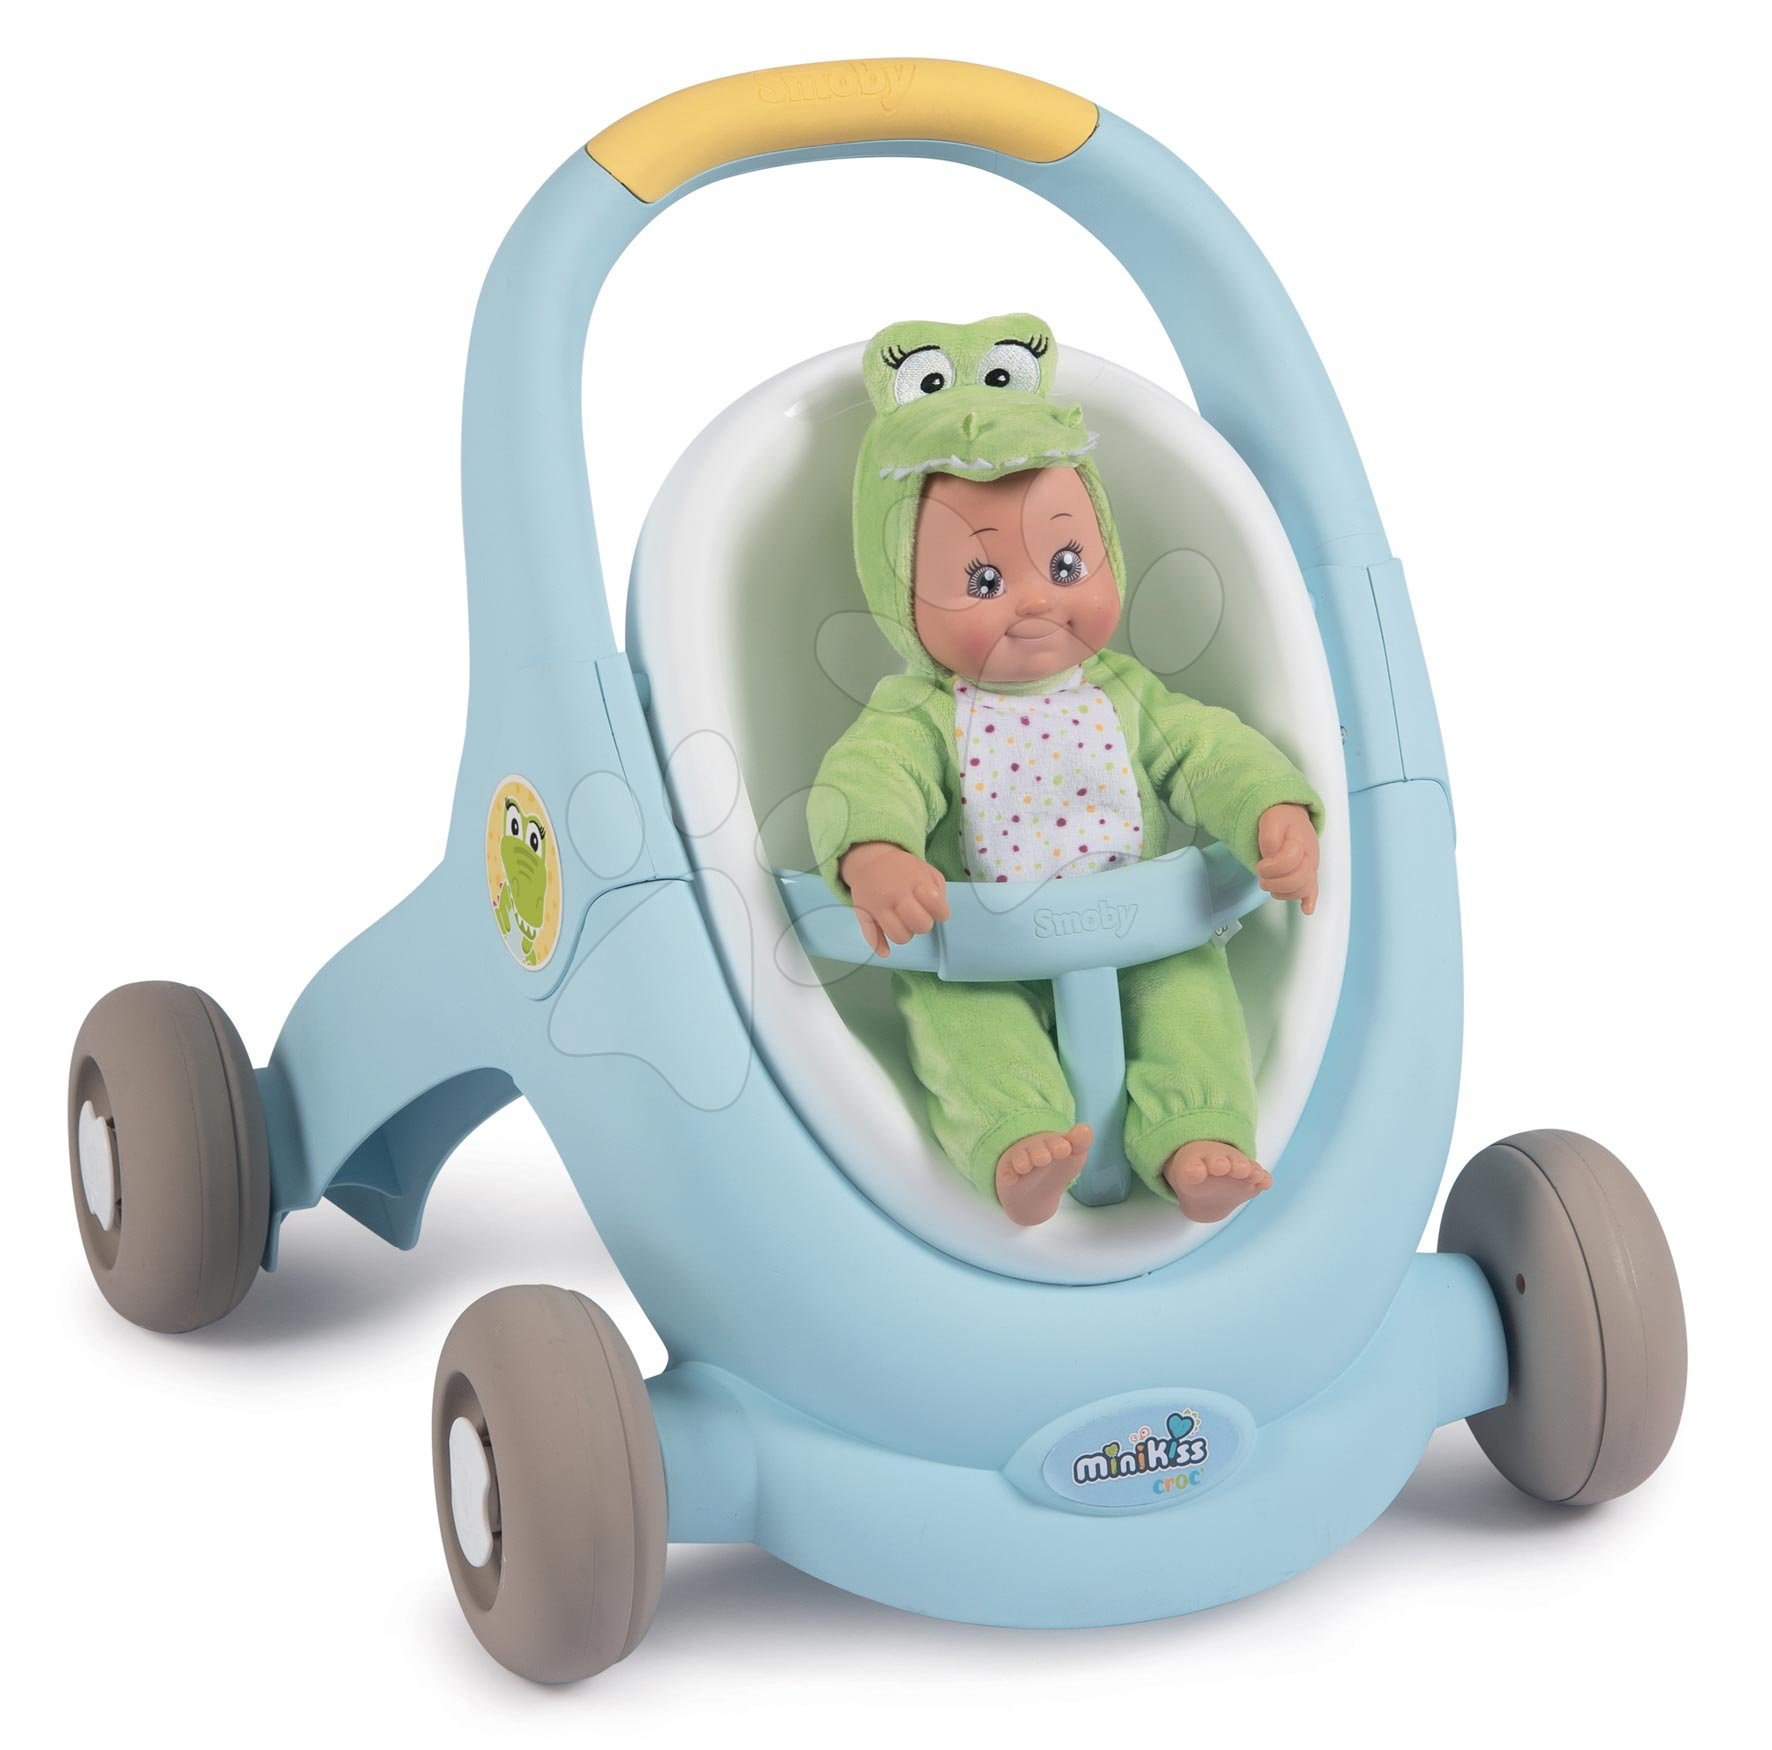 Dětská chodítka - Chodítko a kočárek pro panenku Croc Baby Walker MiniKiss 3in1 Smoby s brzdou a bezpečnostním pásem od 12 měsíců